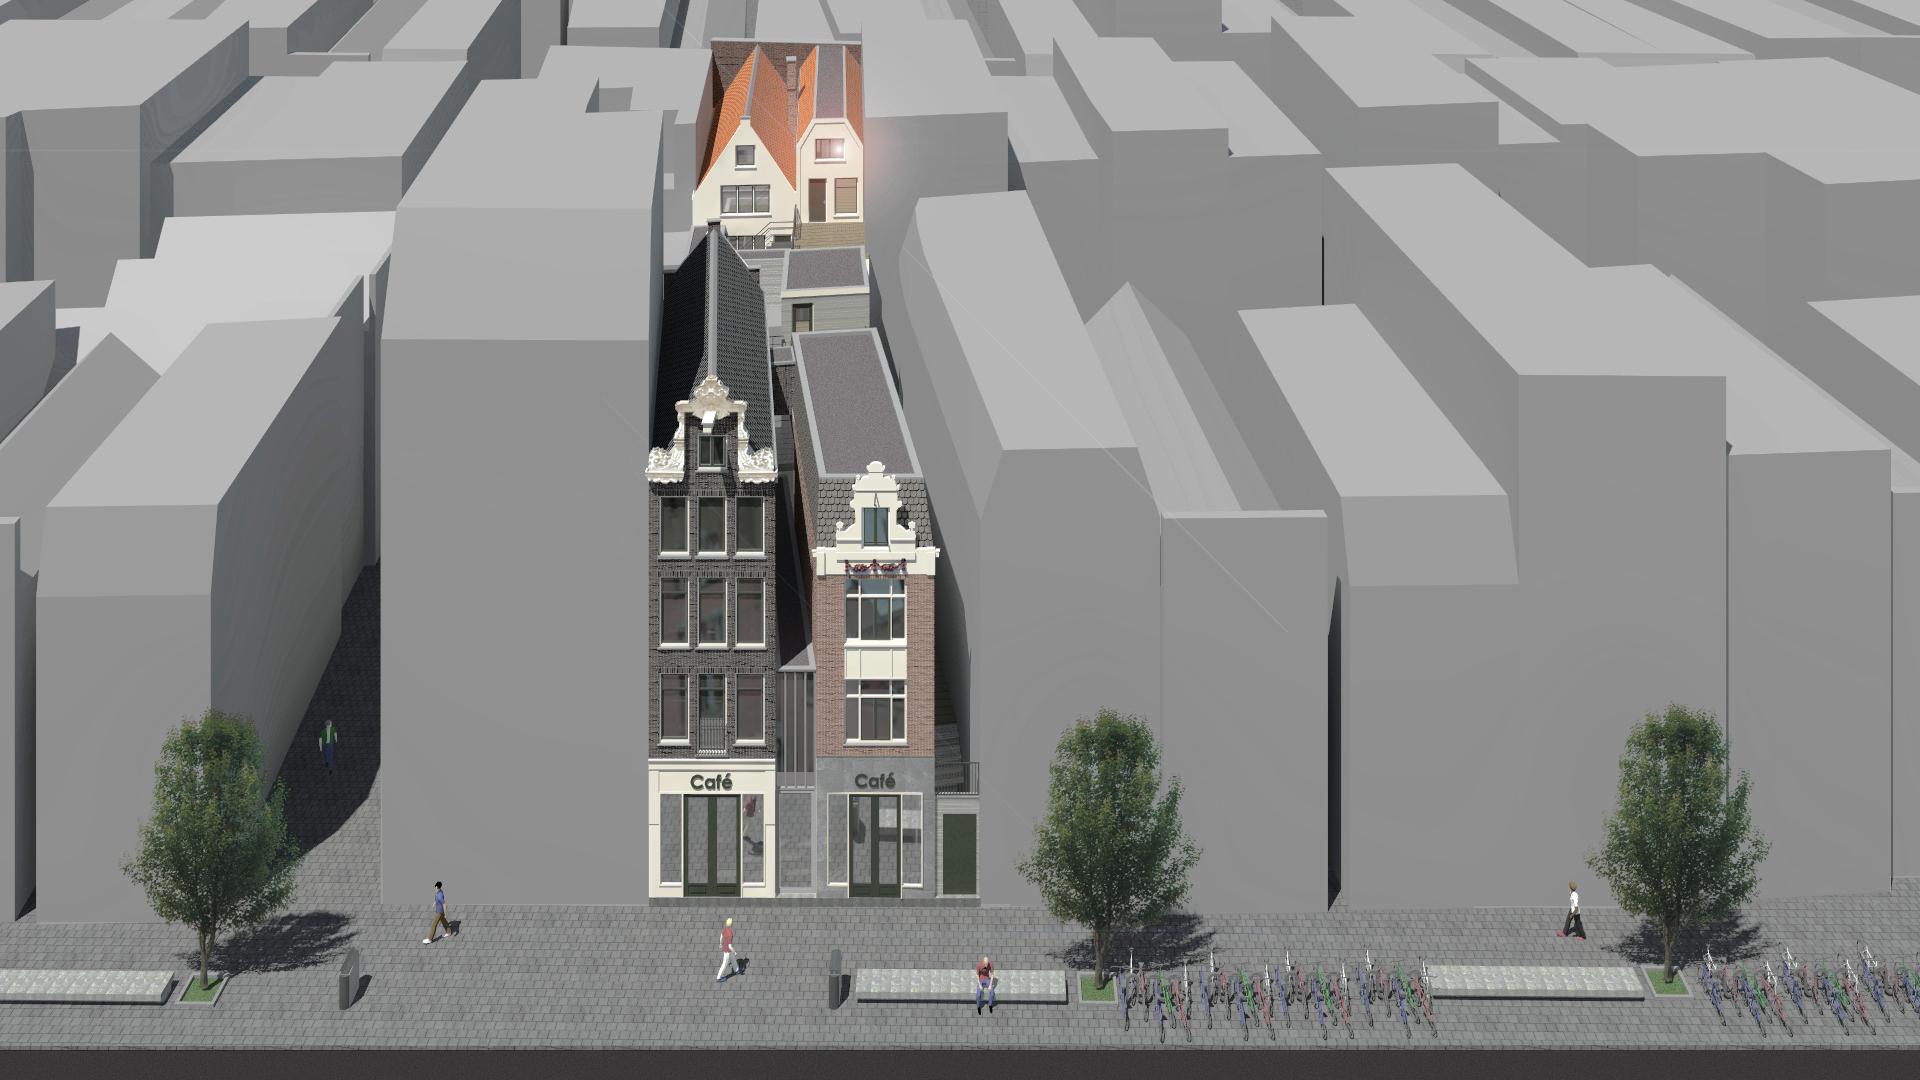 Architect Amsterdam voor renovatie, restauratie en verbouw in het centrum van amsterdam, appartemente, grachtenpanden en hotel.